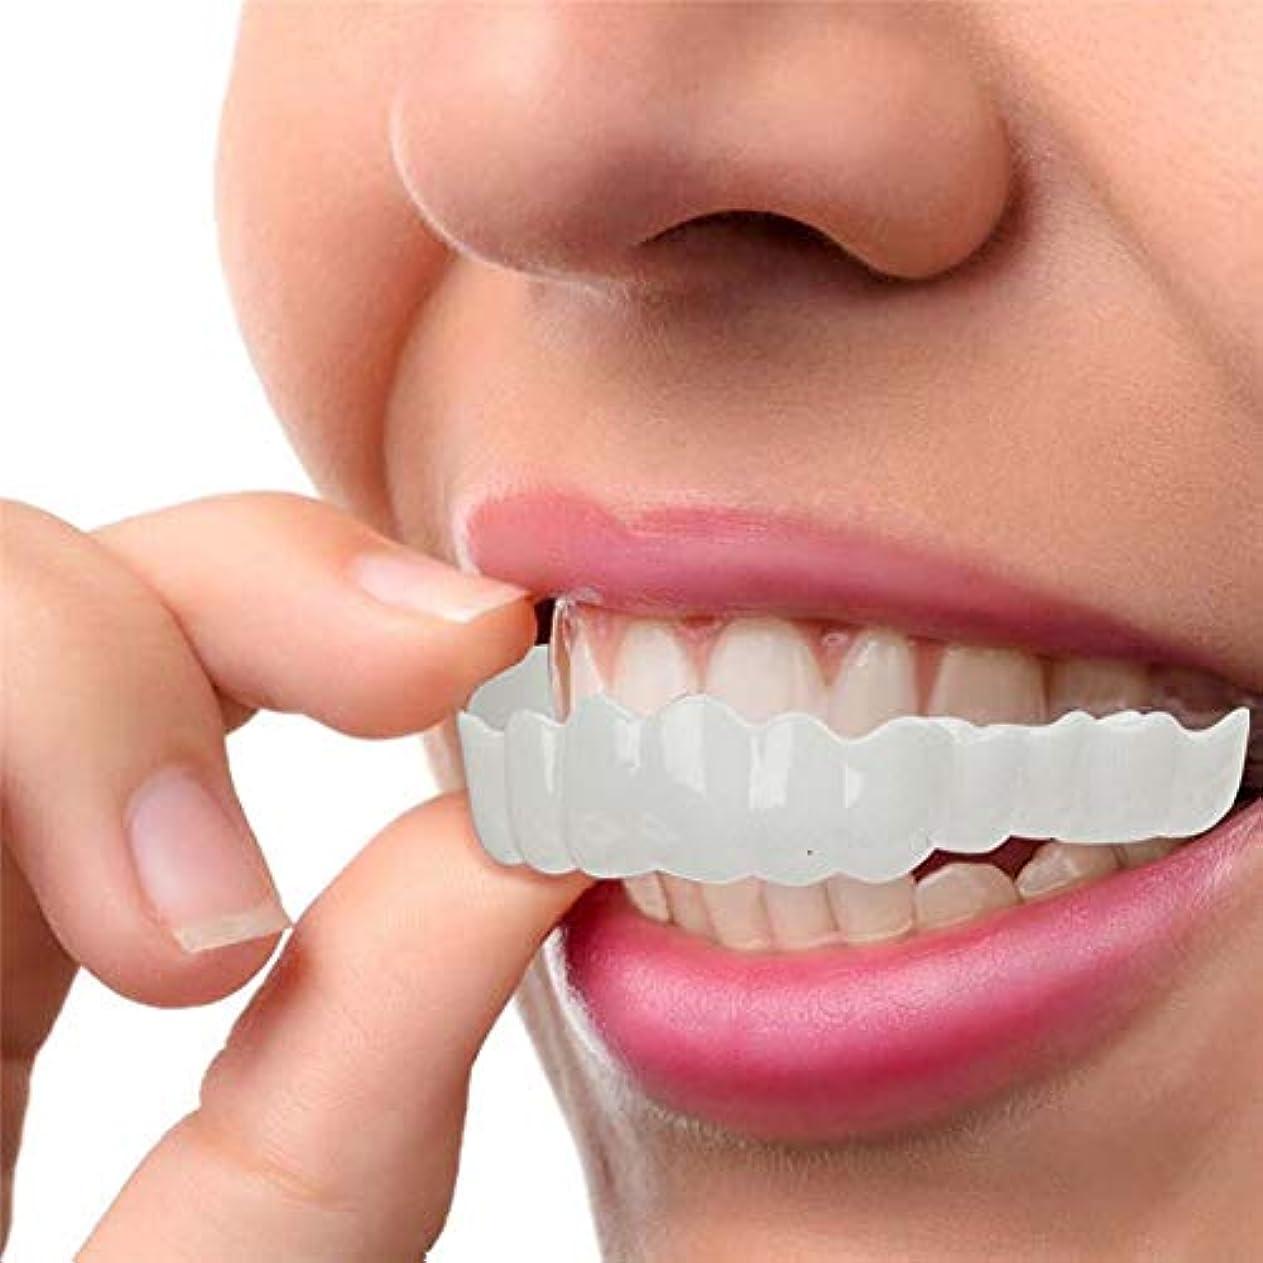 軍シェルター笑い2セット、白い歯をきれいにするためのコンフォートフィットフレックス歯ソケット、化粧品の歯、スーパーコンフォート、コンフォートフィット